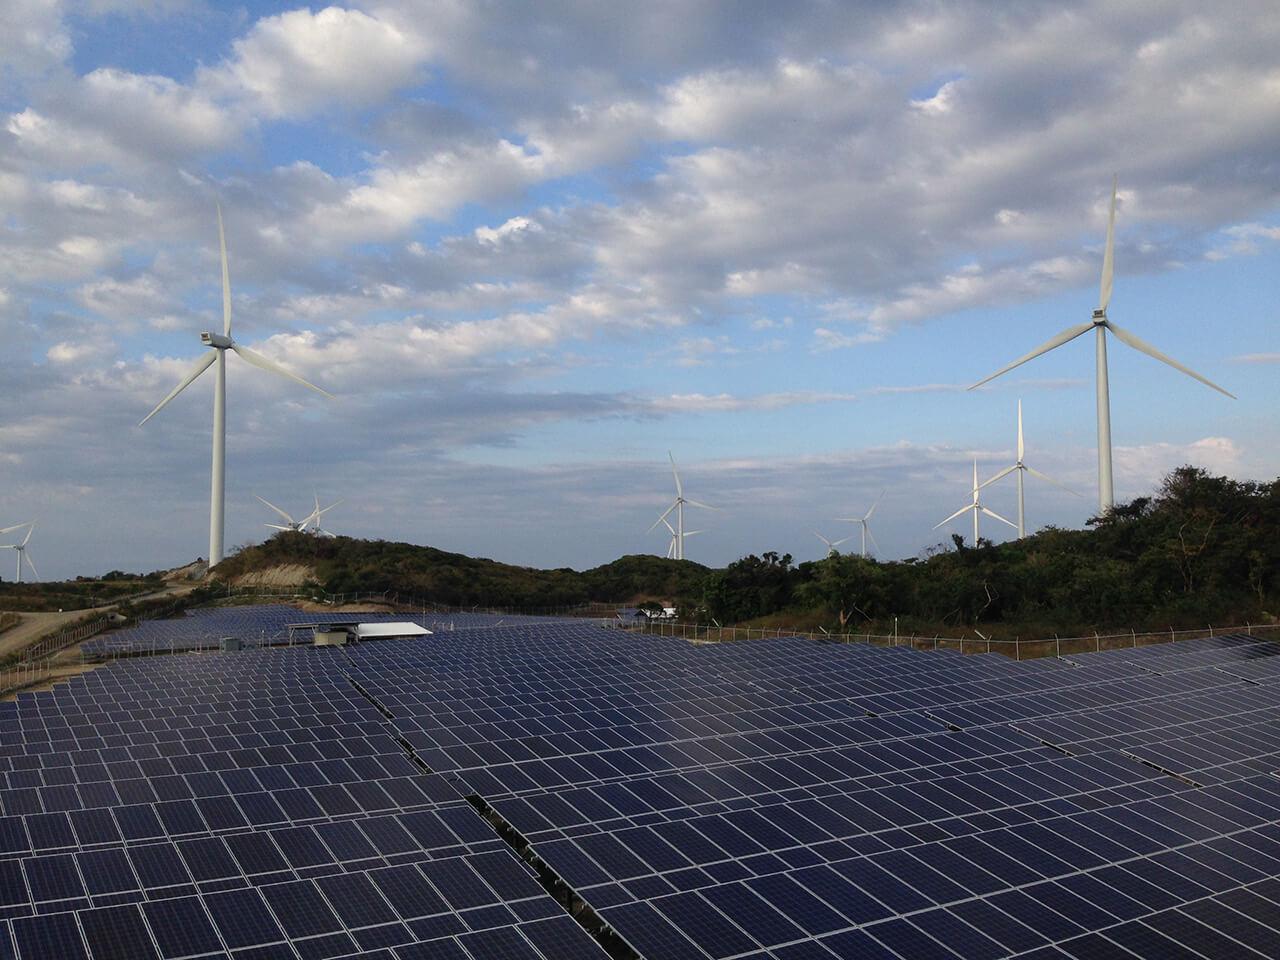 DTÖ Hindistan ABD Yenilenebilir Enerji Paneli Hindistan Lehine Karar Verdi